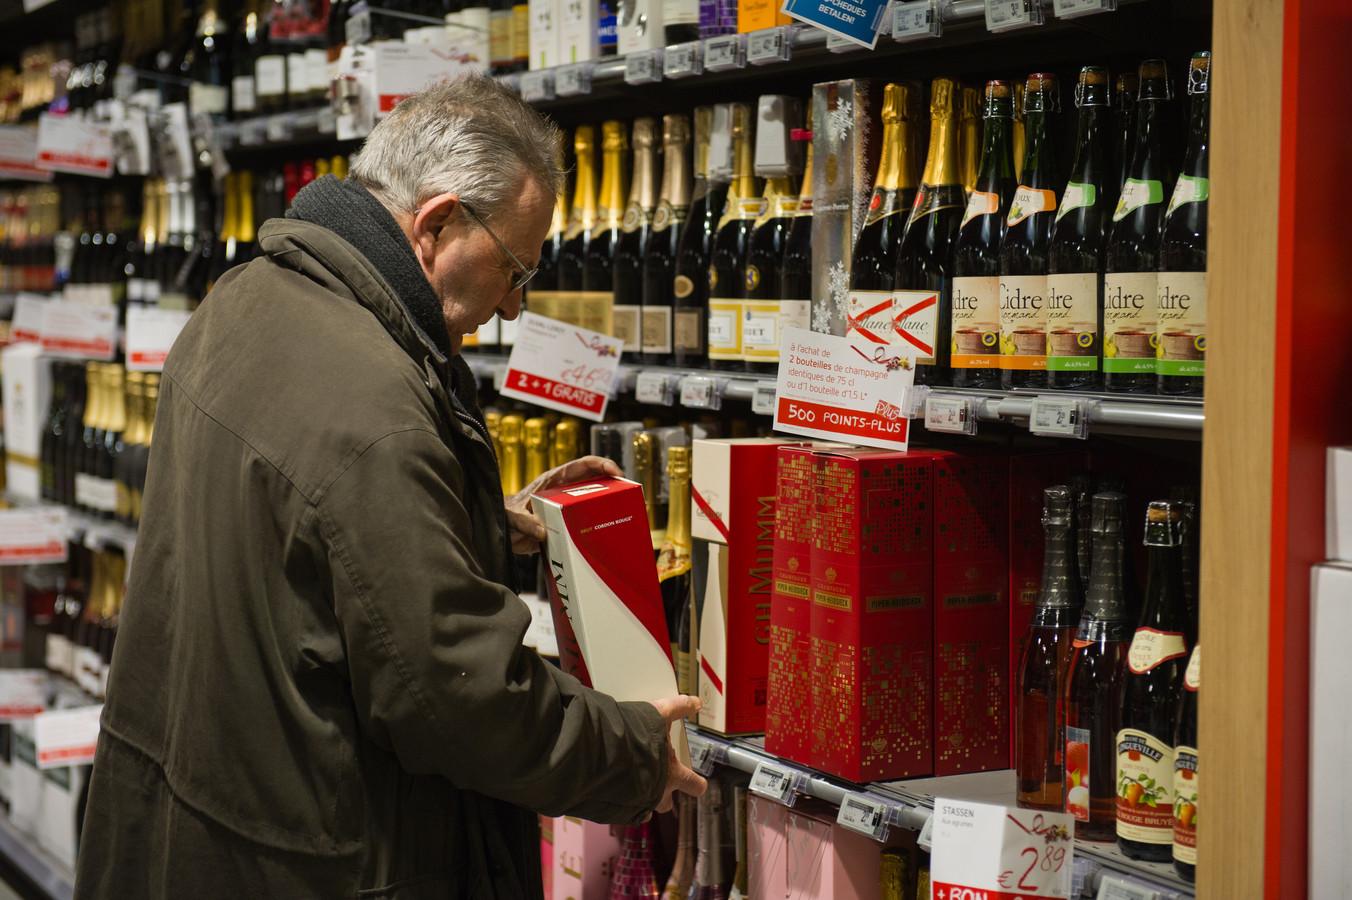 Loop in België een willekeurige supermarkt binnen en de kreeften, oesters en kangoeroefiletjes blinken je tegemoet. Elk najaar in elke supermarkt een wijnbeurs. Vergelijk dat met de relatieve armoe in sommige Nederlandse supermarkten...